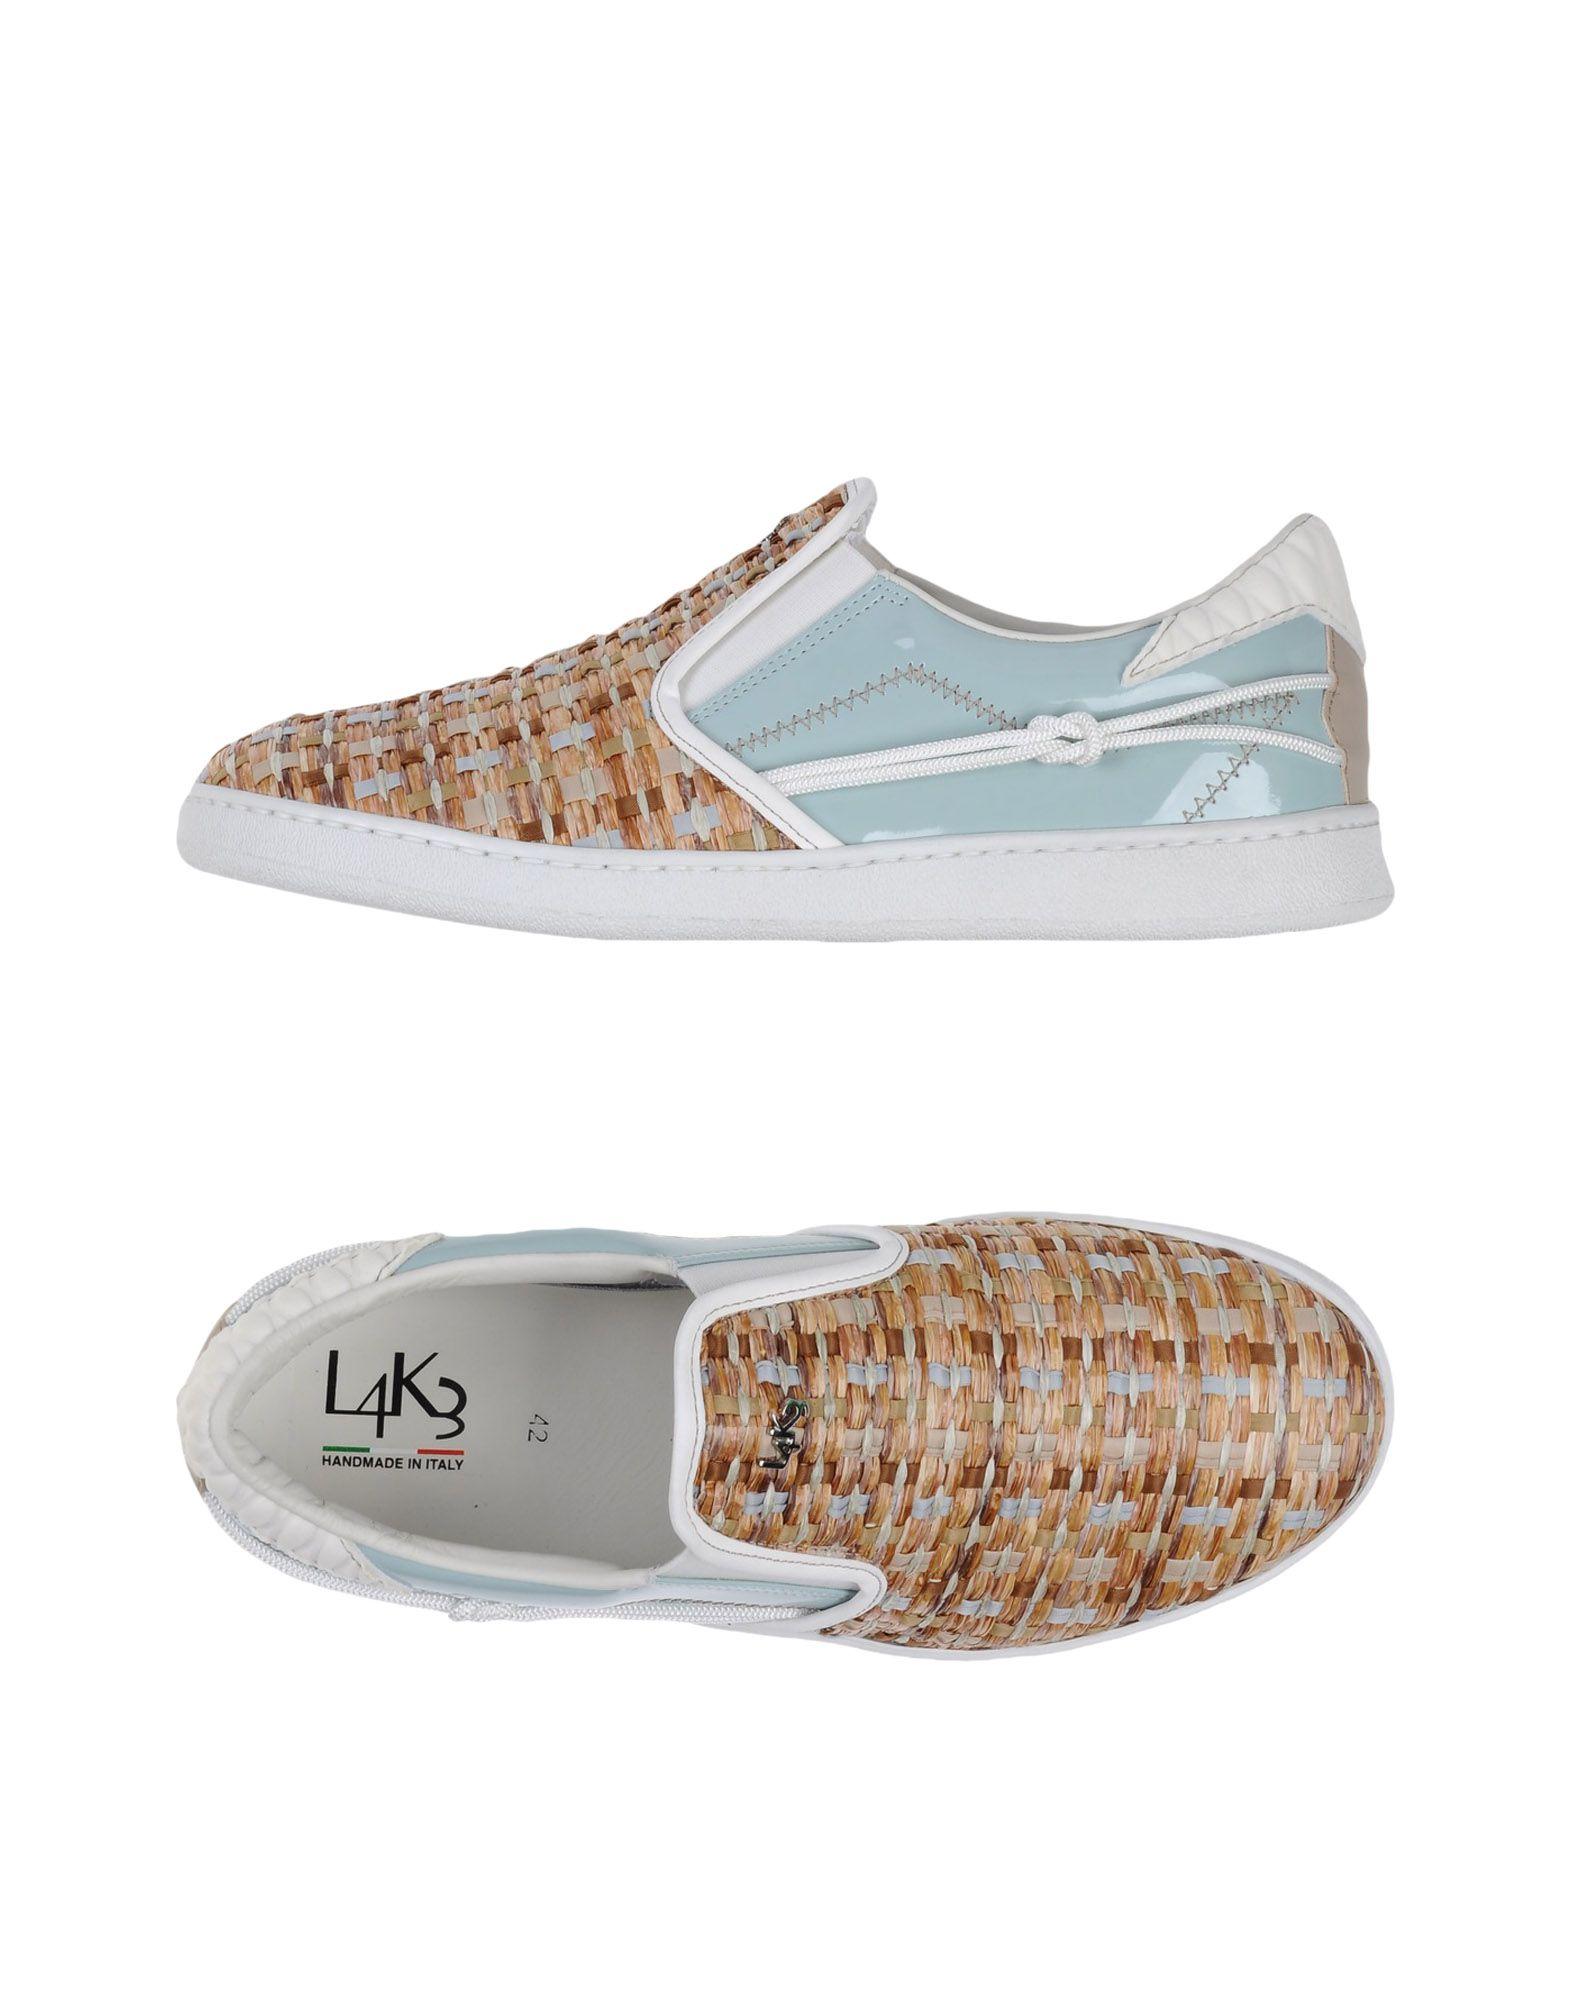 L4k3 Schuhe Sneakers Herren  11131584LX Heiße Schuhe L4k3 028933